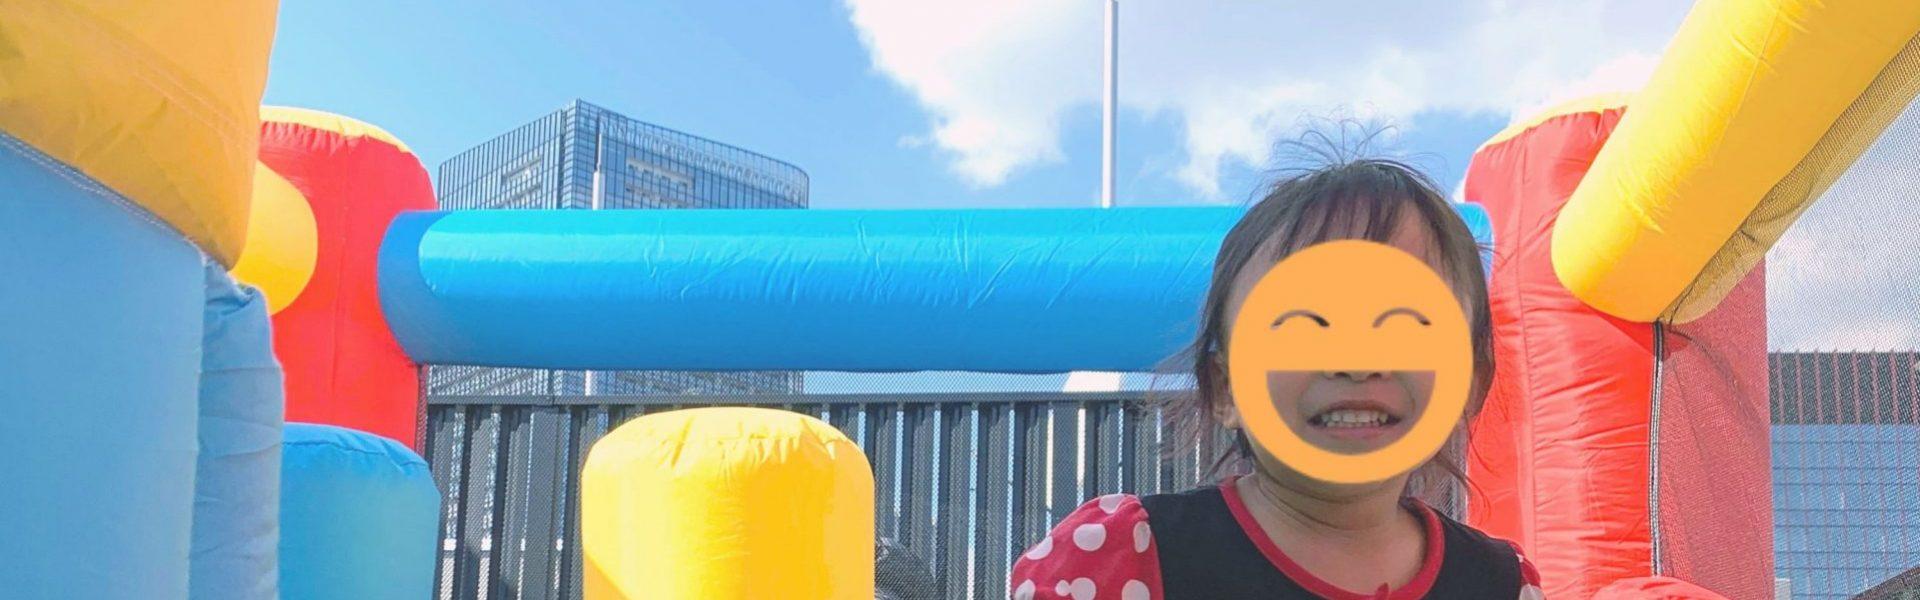 コロナ禍でも自宅で子供が思いっきり遊べる最強アイテム!!家庭用 屋外 エアトランポリン(Air Trampoline/送風機付き・空気注入式) をルーフテラス(自宅屋上)で楽しむ! #巣ごもり消費